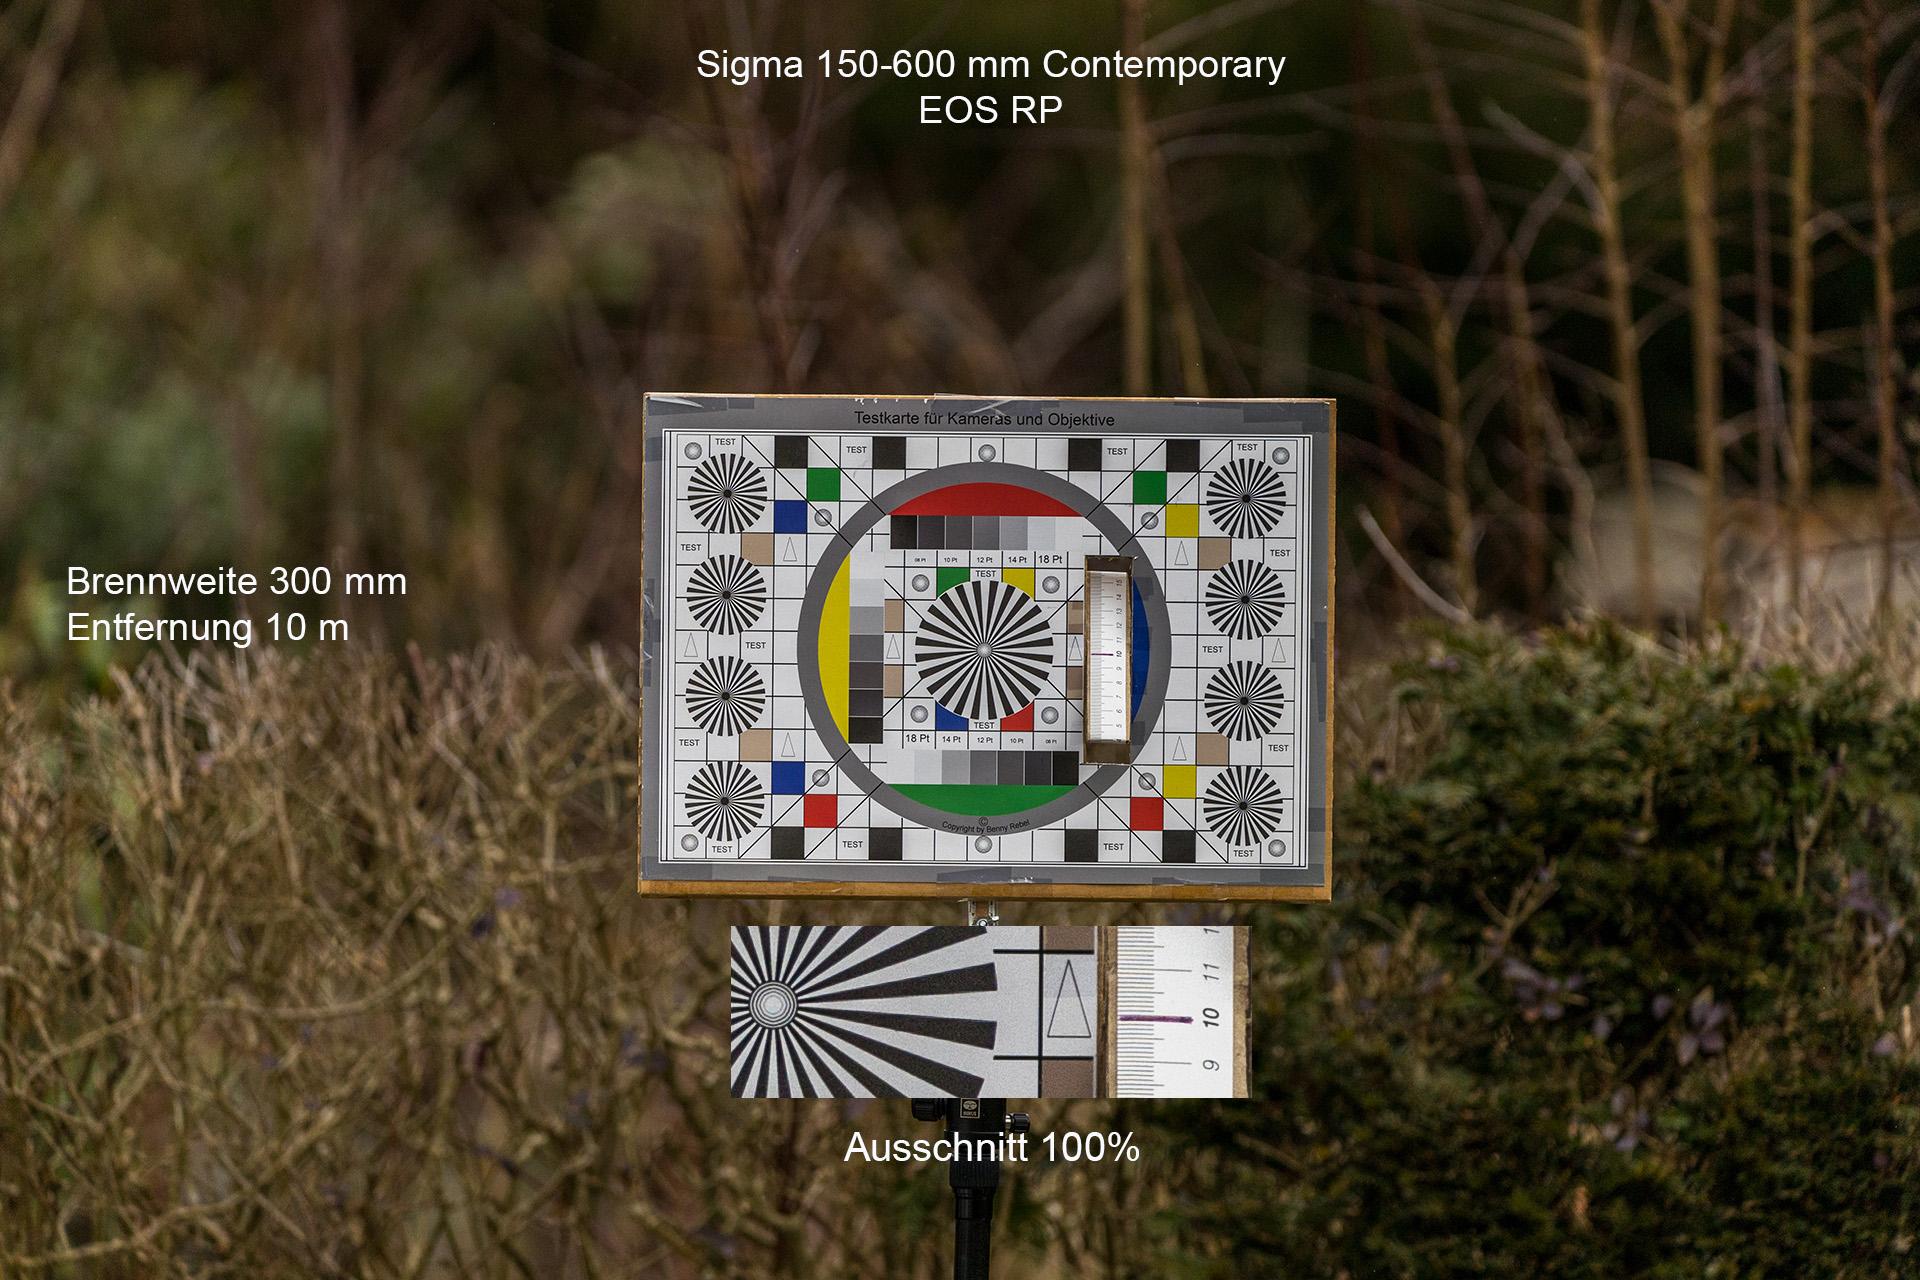 Testaufnahmen mit Sigma 150-600 mm, Canon EOS RP, 300 mm, 10 Meter